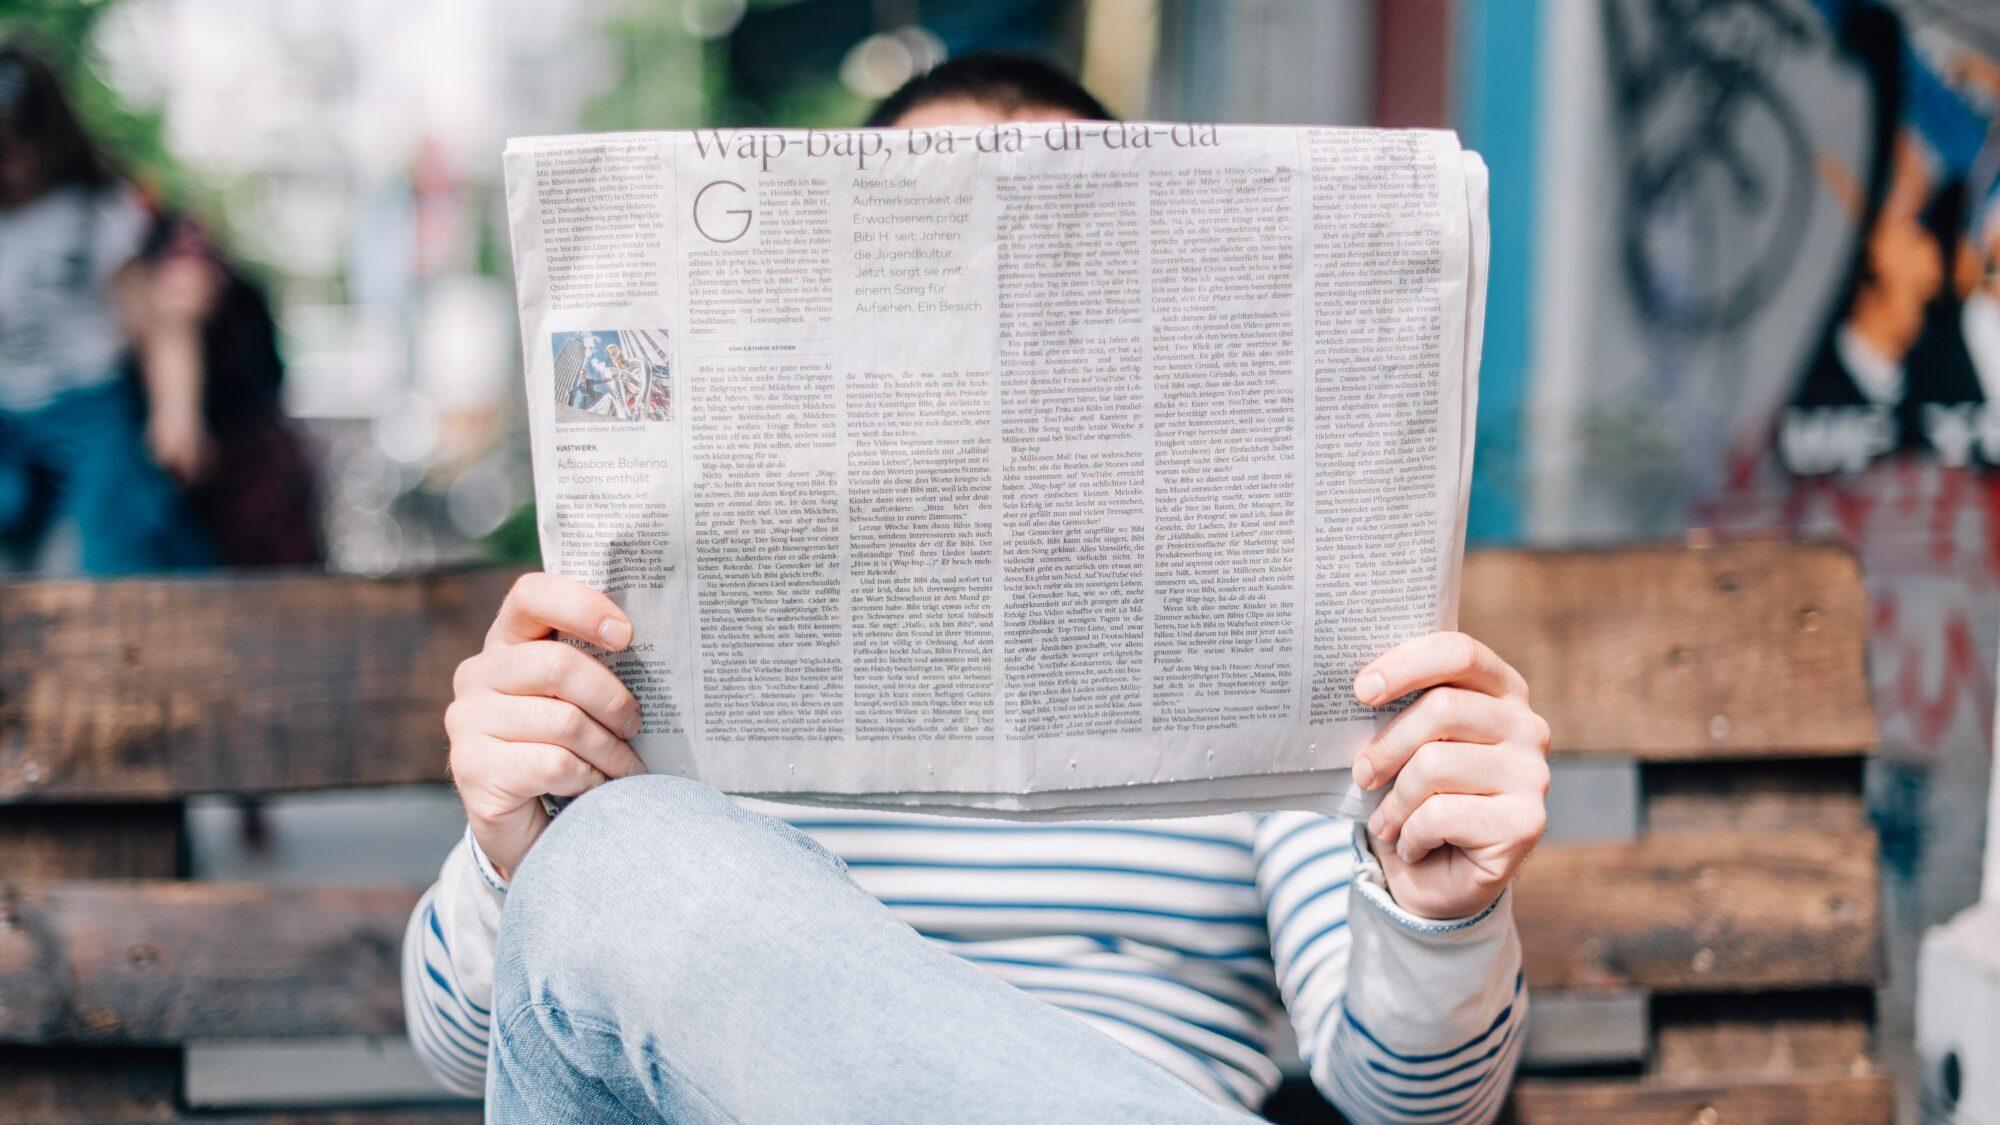 Wie journalistische Projekte ihre Relevanz in der Praxis bewerten